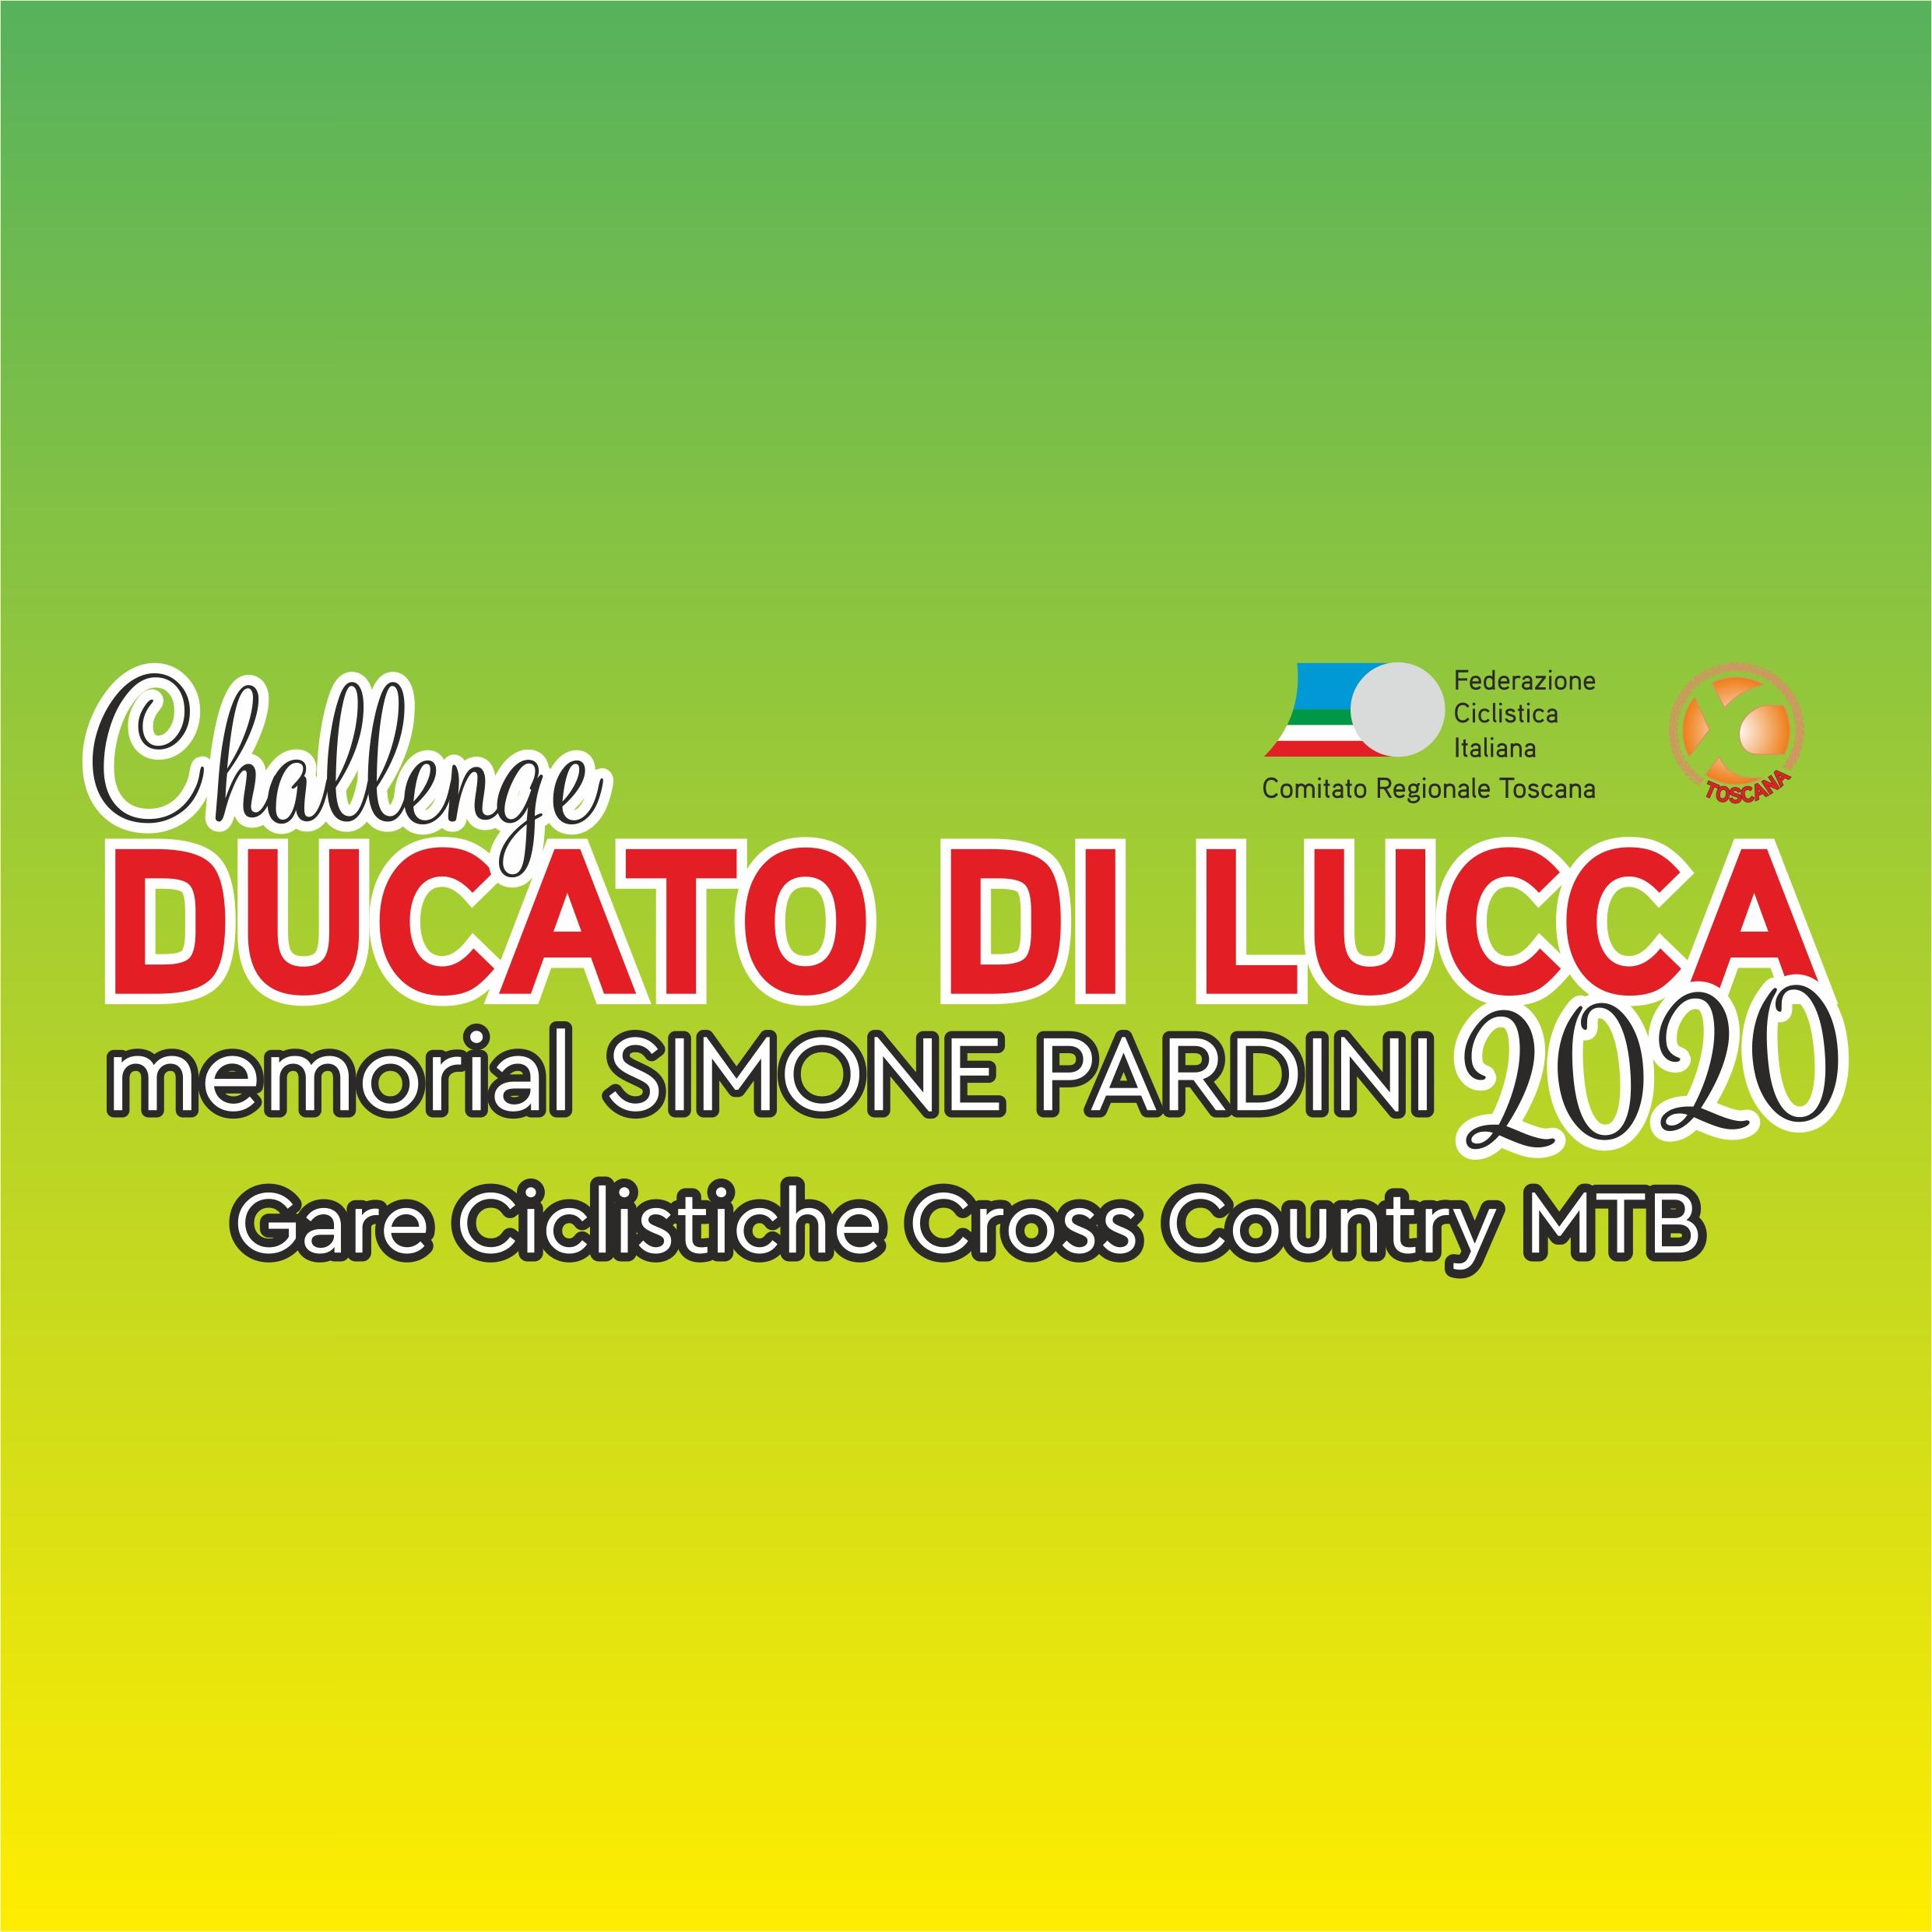 Challange Ducato di Lucca 2020